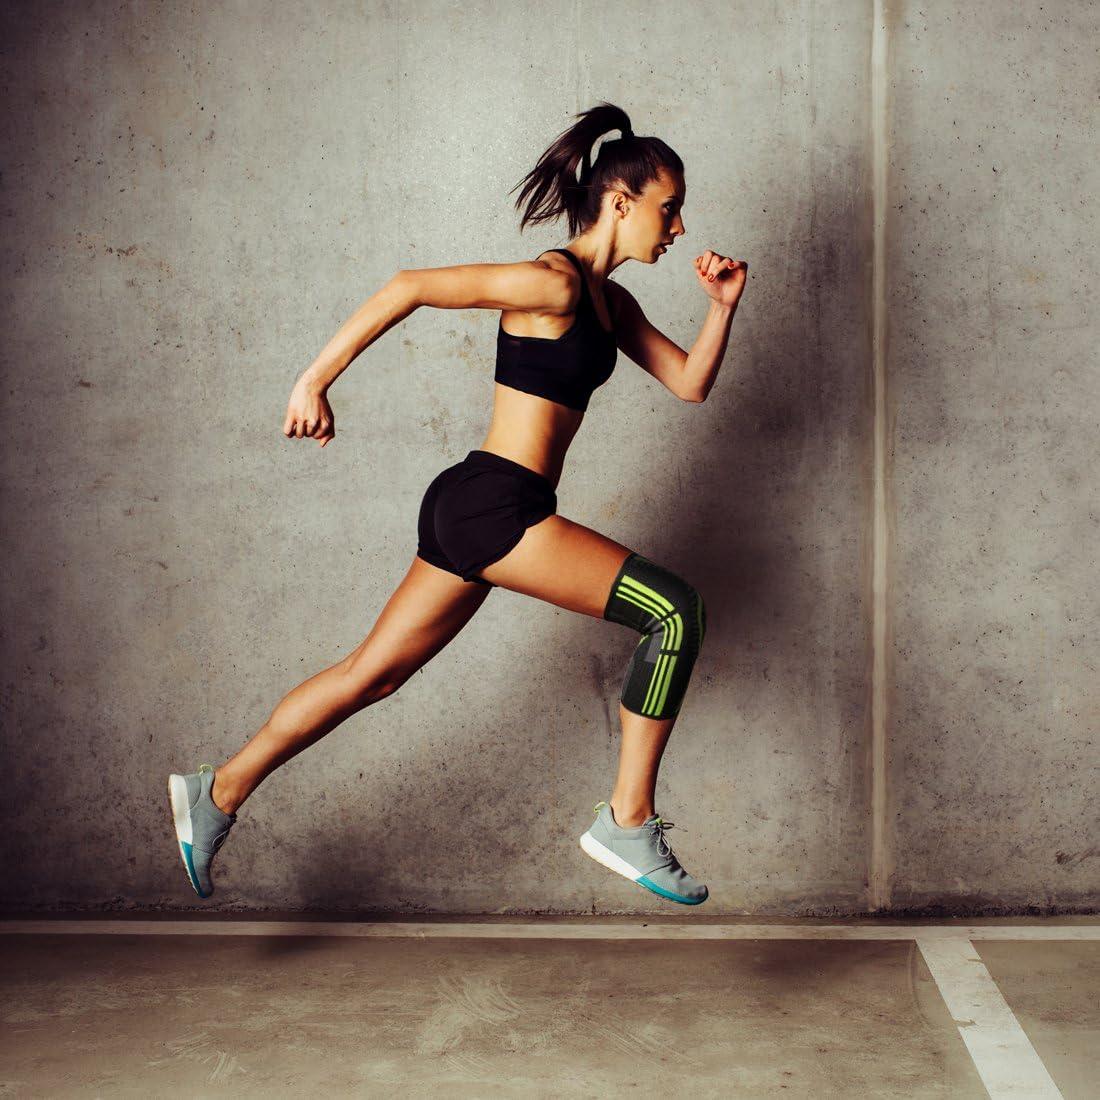 1 Paar rutschfest Sportliche Pads Kniest/ütze f/ür M/änner und Frauen Trainieren das Sportarten AIMERDAY Knieschoner Laufen Kompressionsknie-/Ärmel